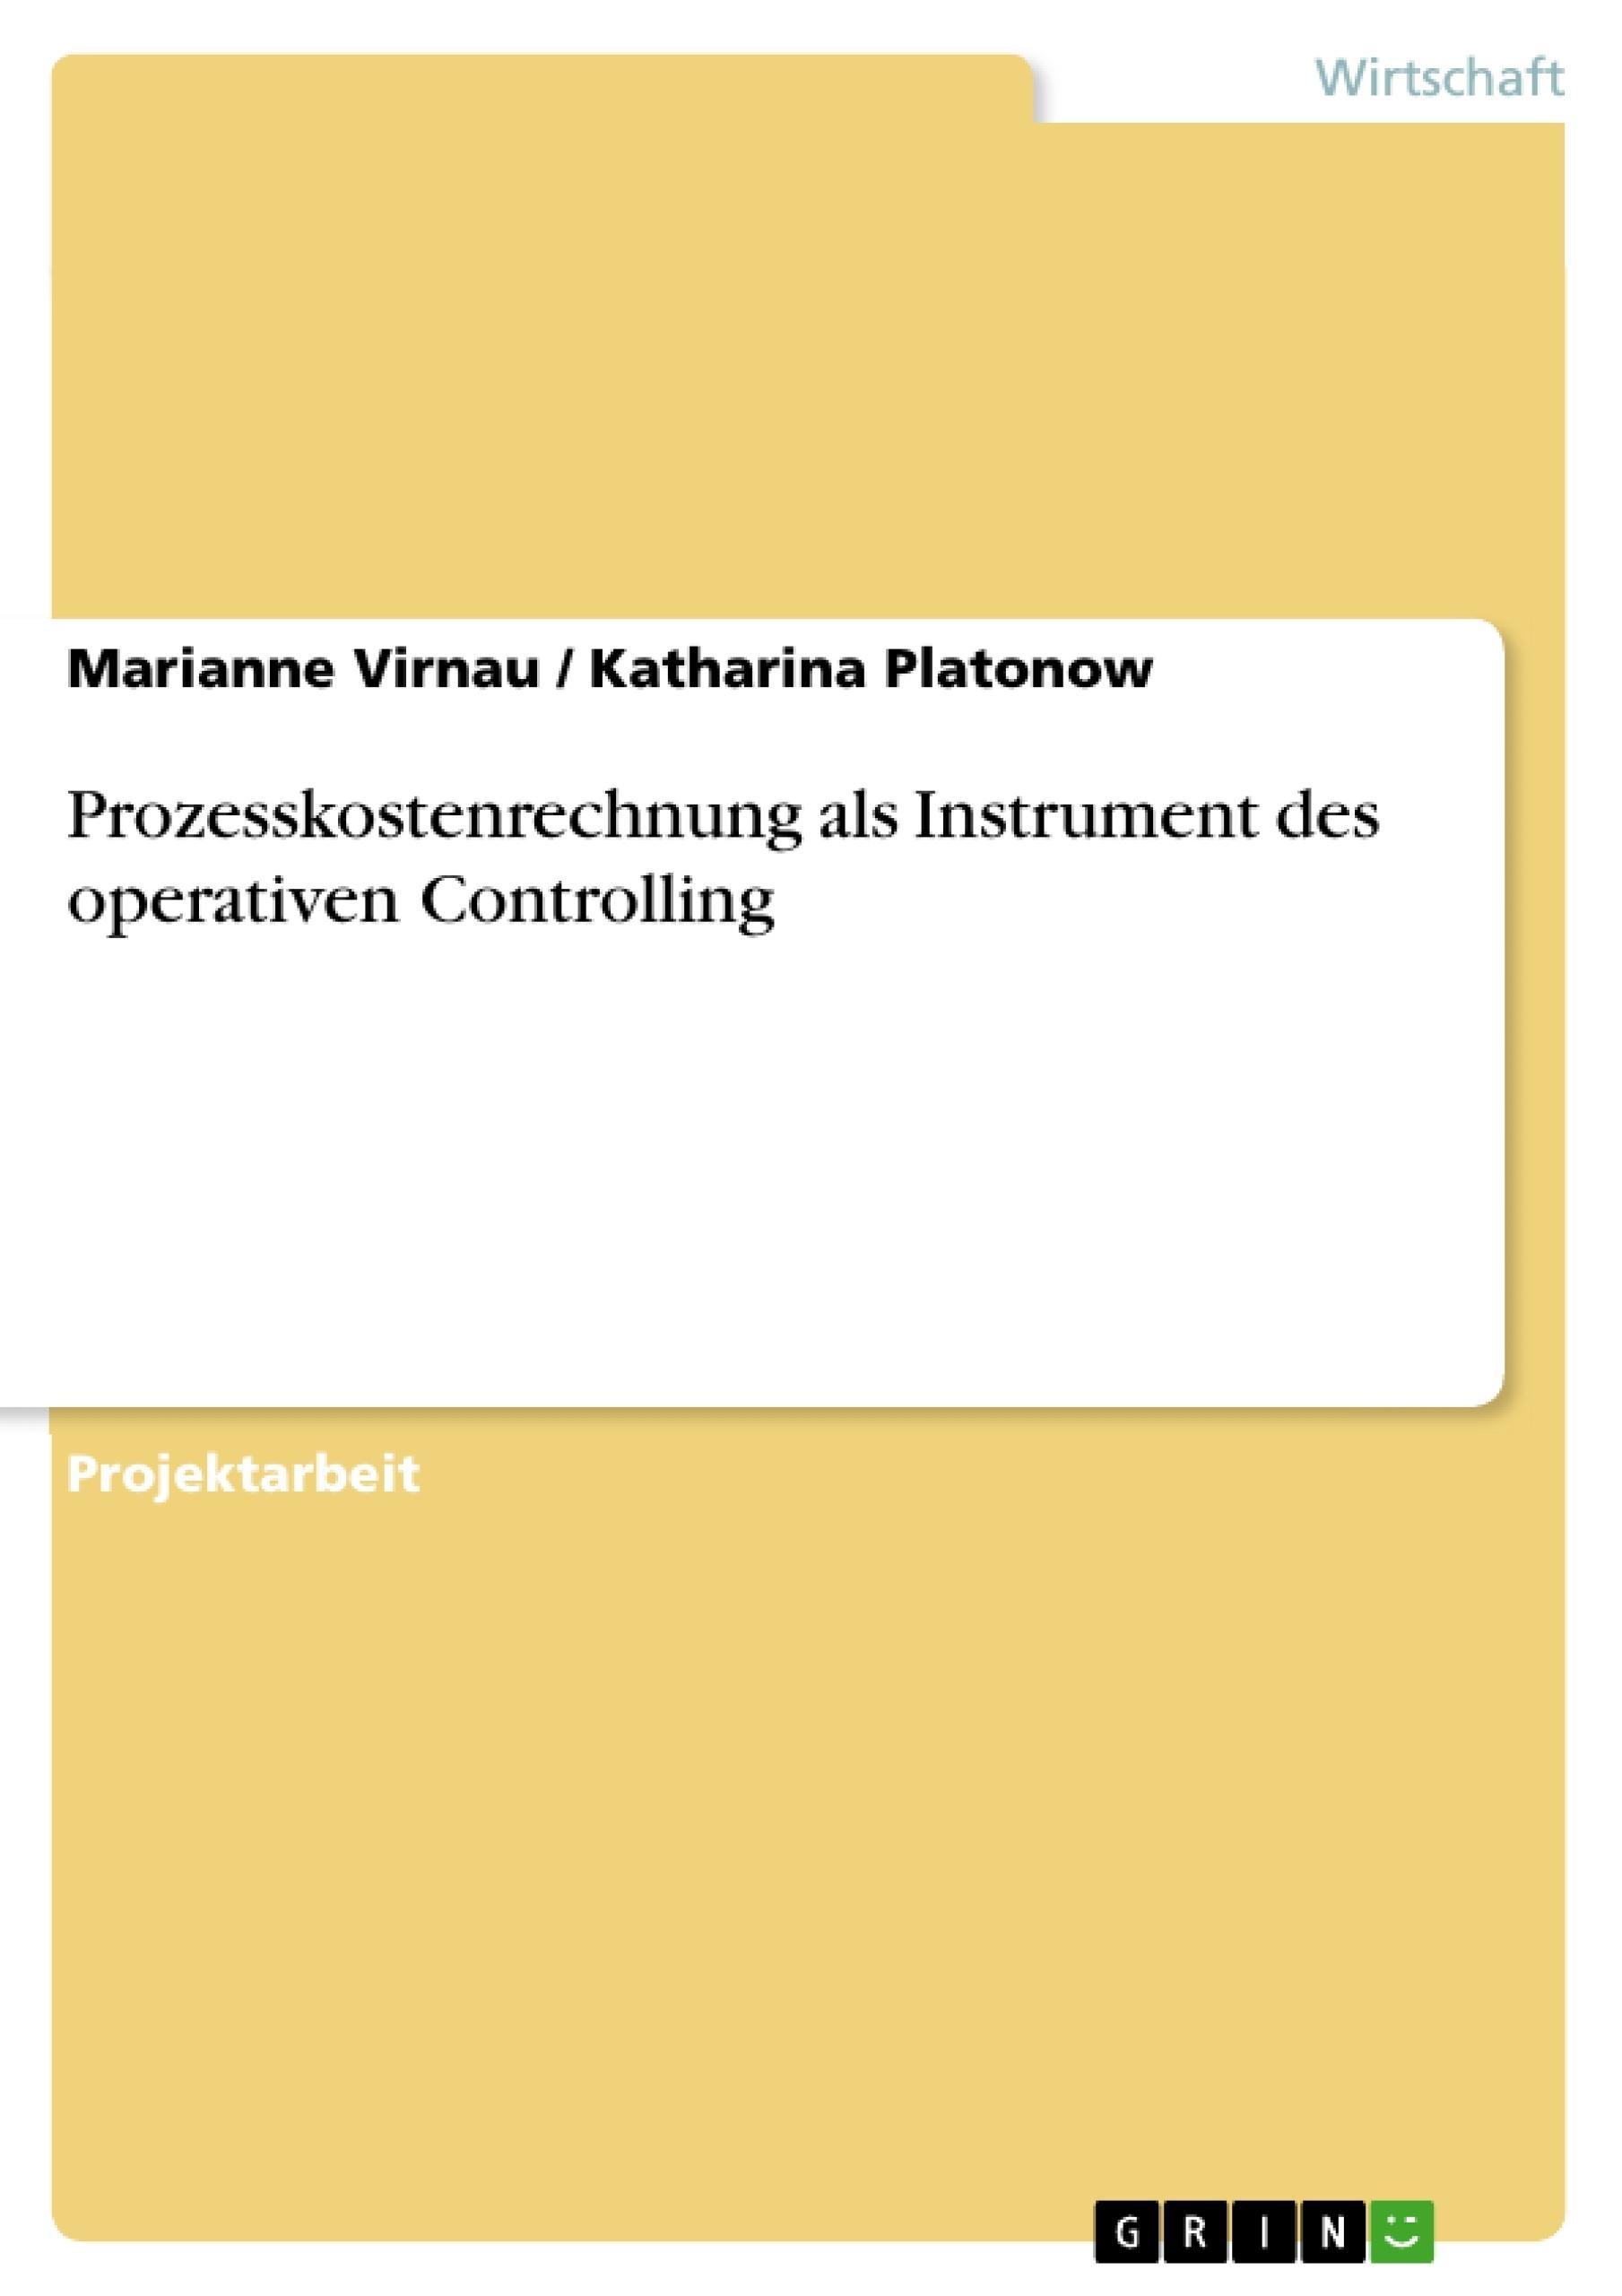 Titel: Prozesskostenrechnung als Instrument des operativen Controlling